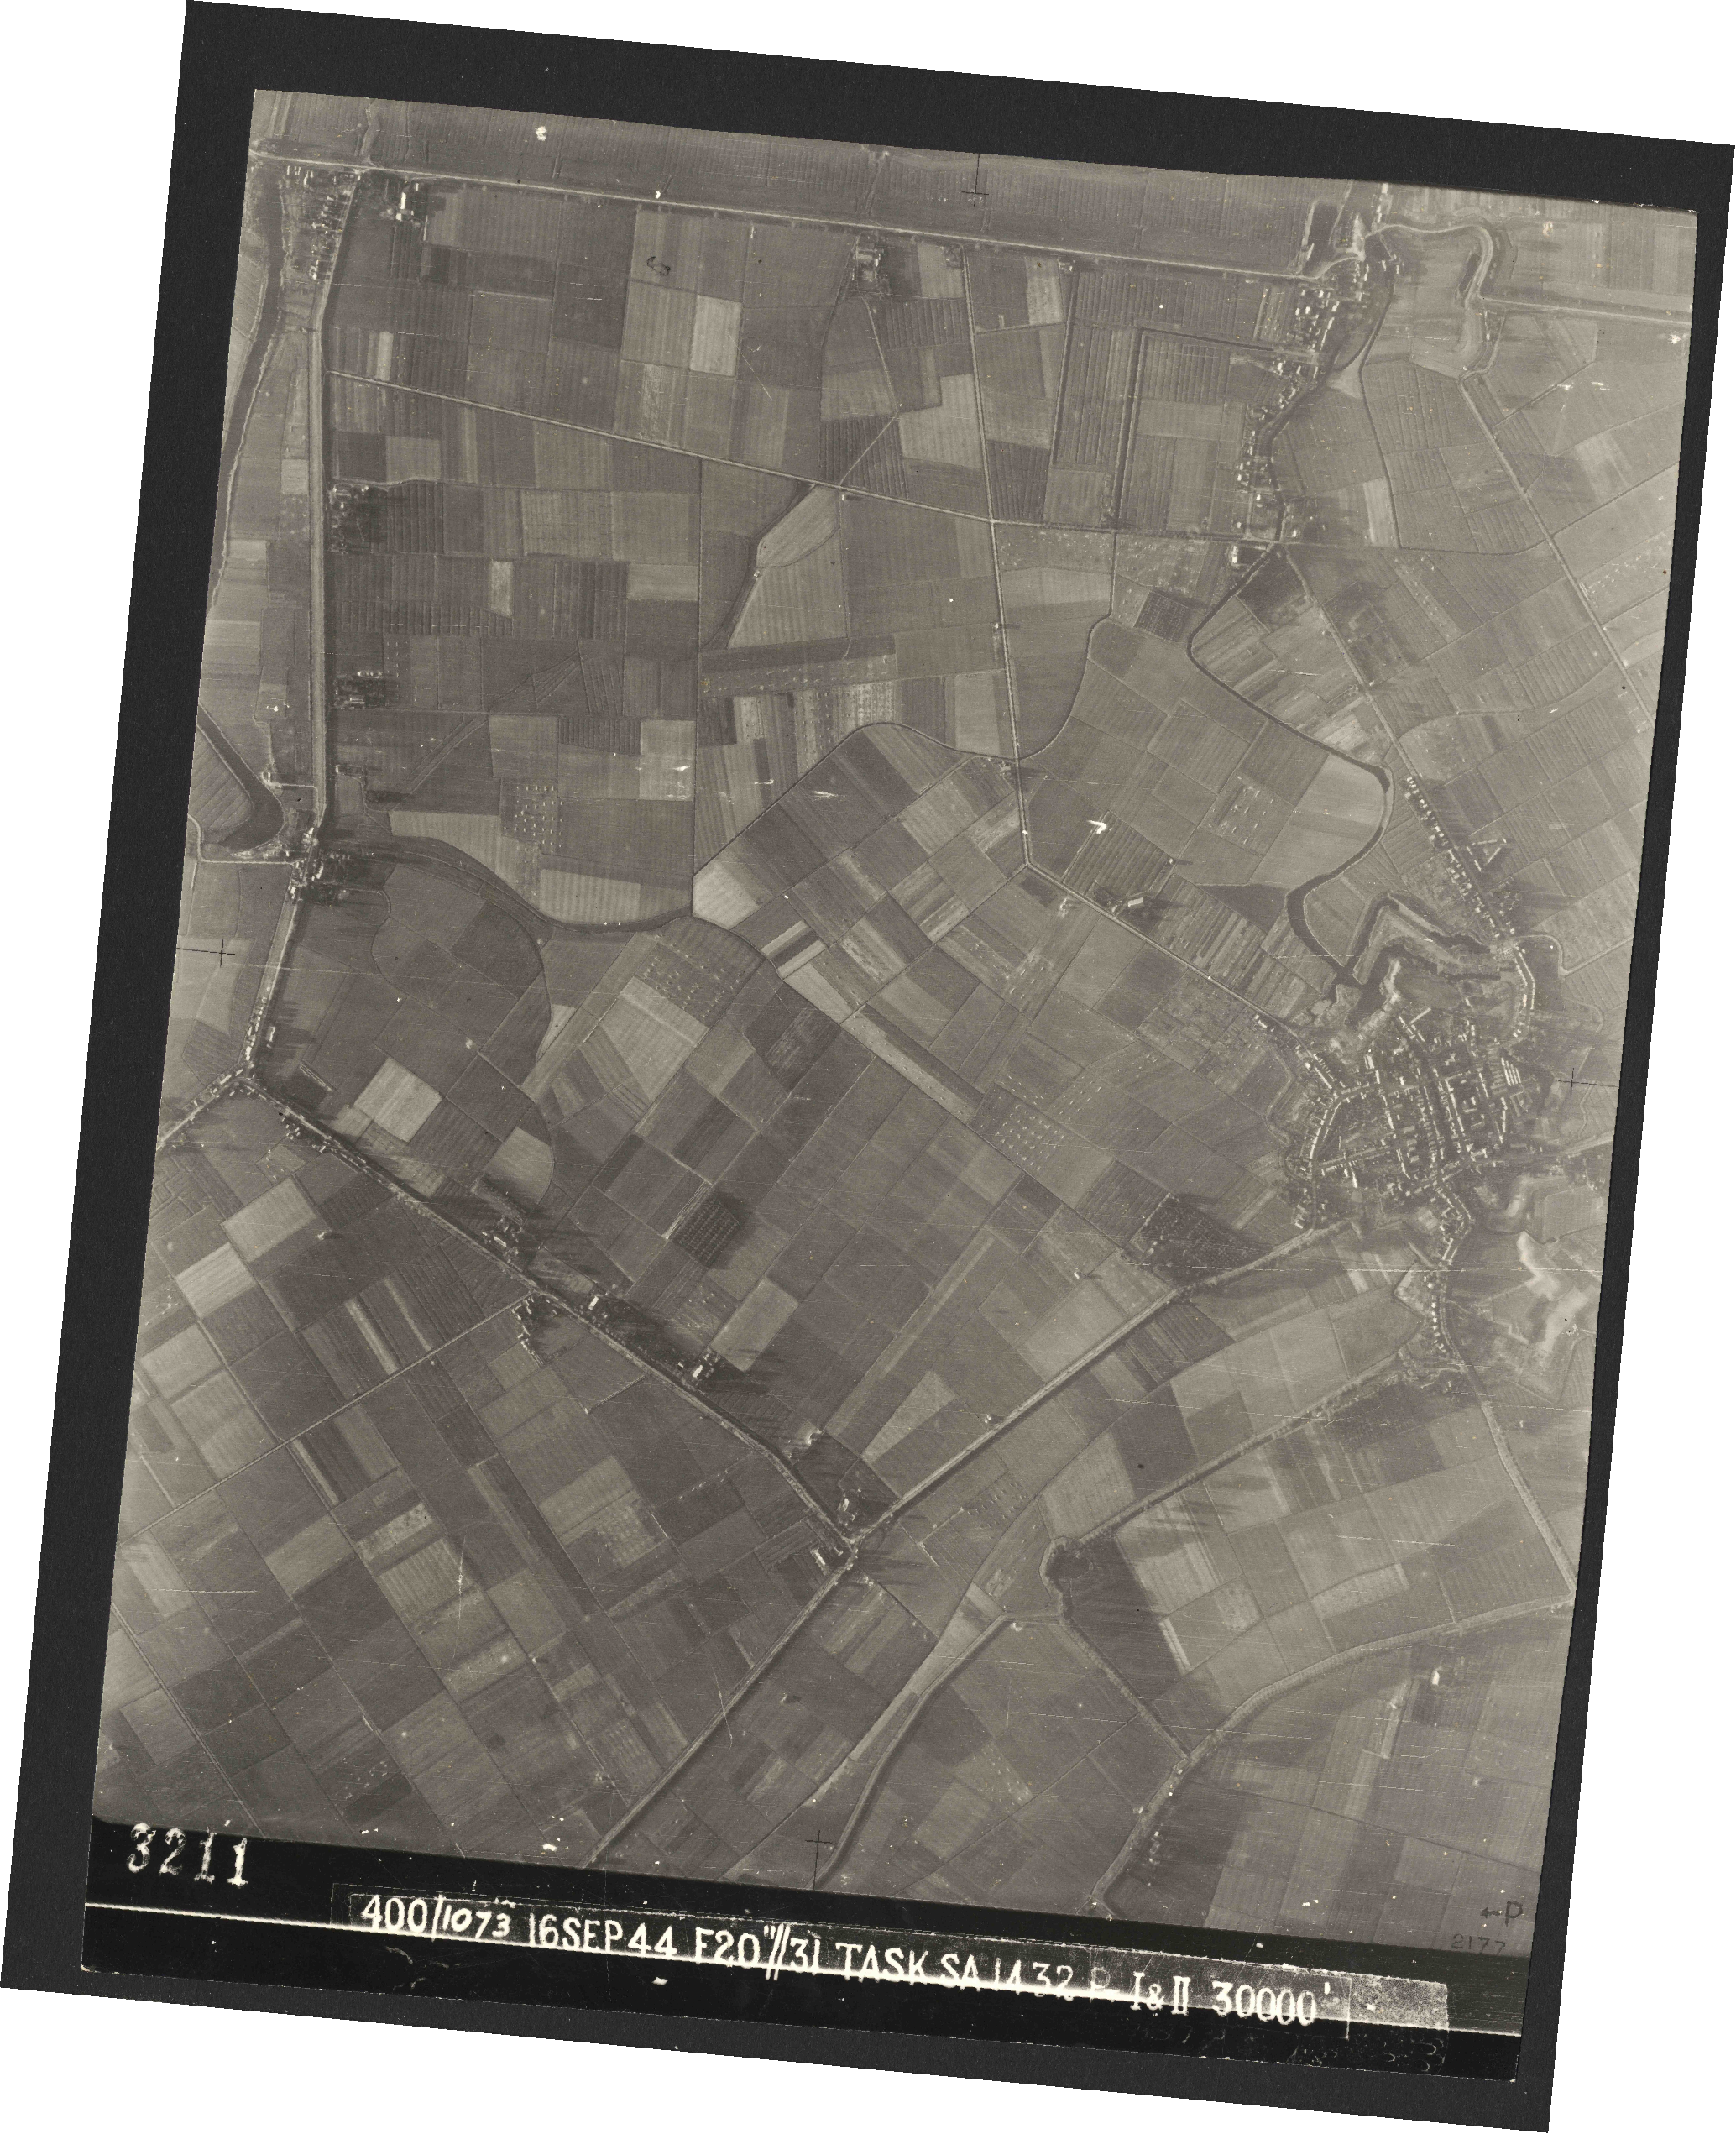 Collection RAF aerial photos 1940-1945 - flight 013, run 12, photo 3211